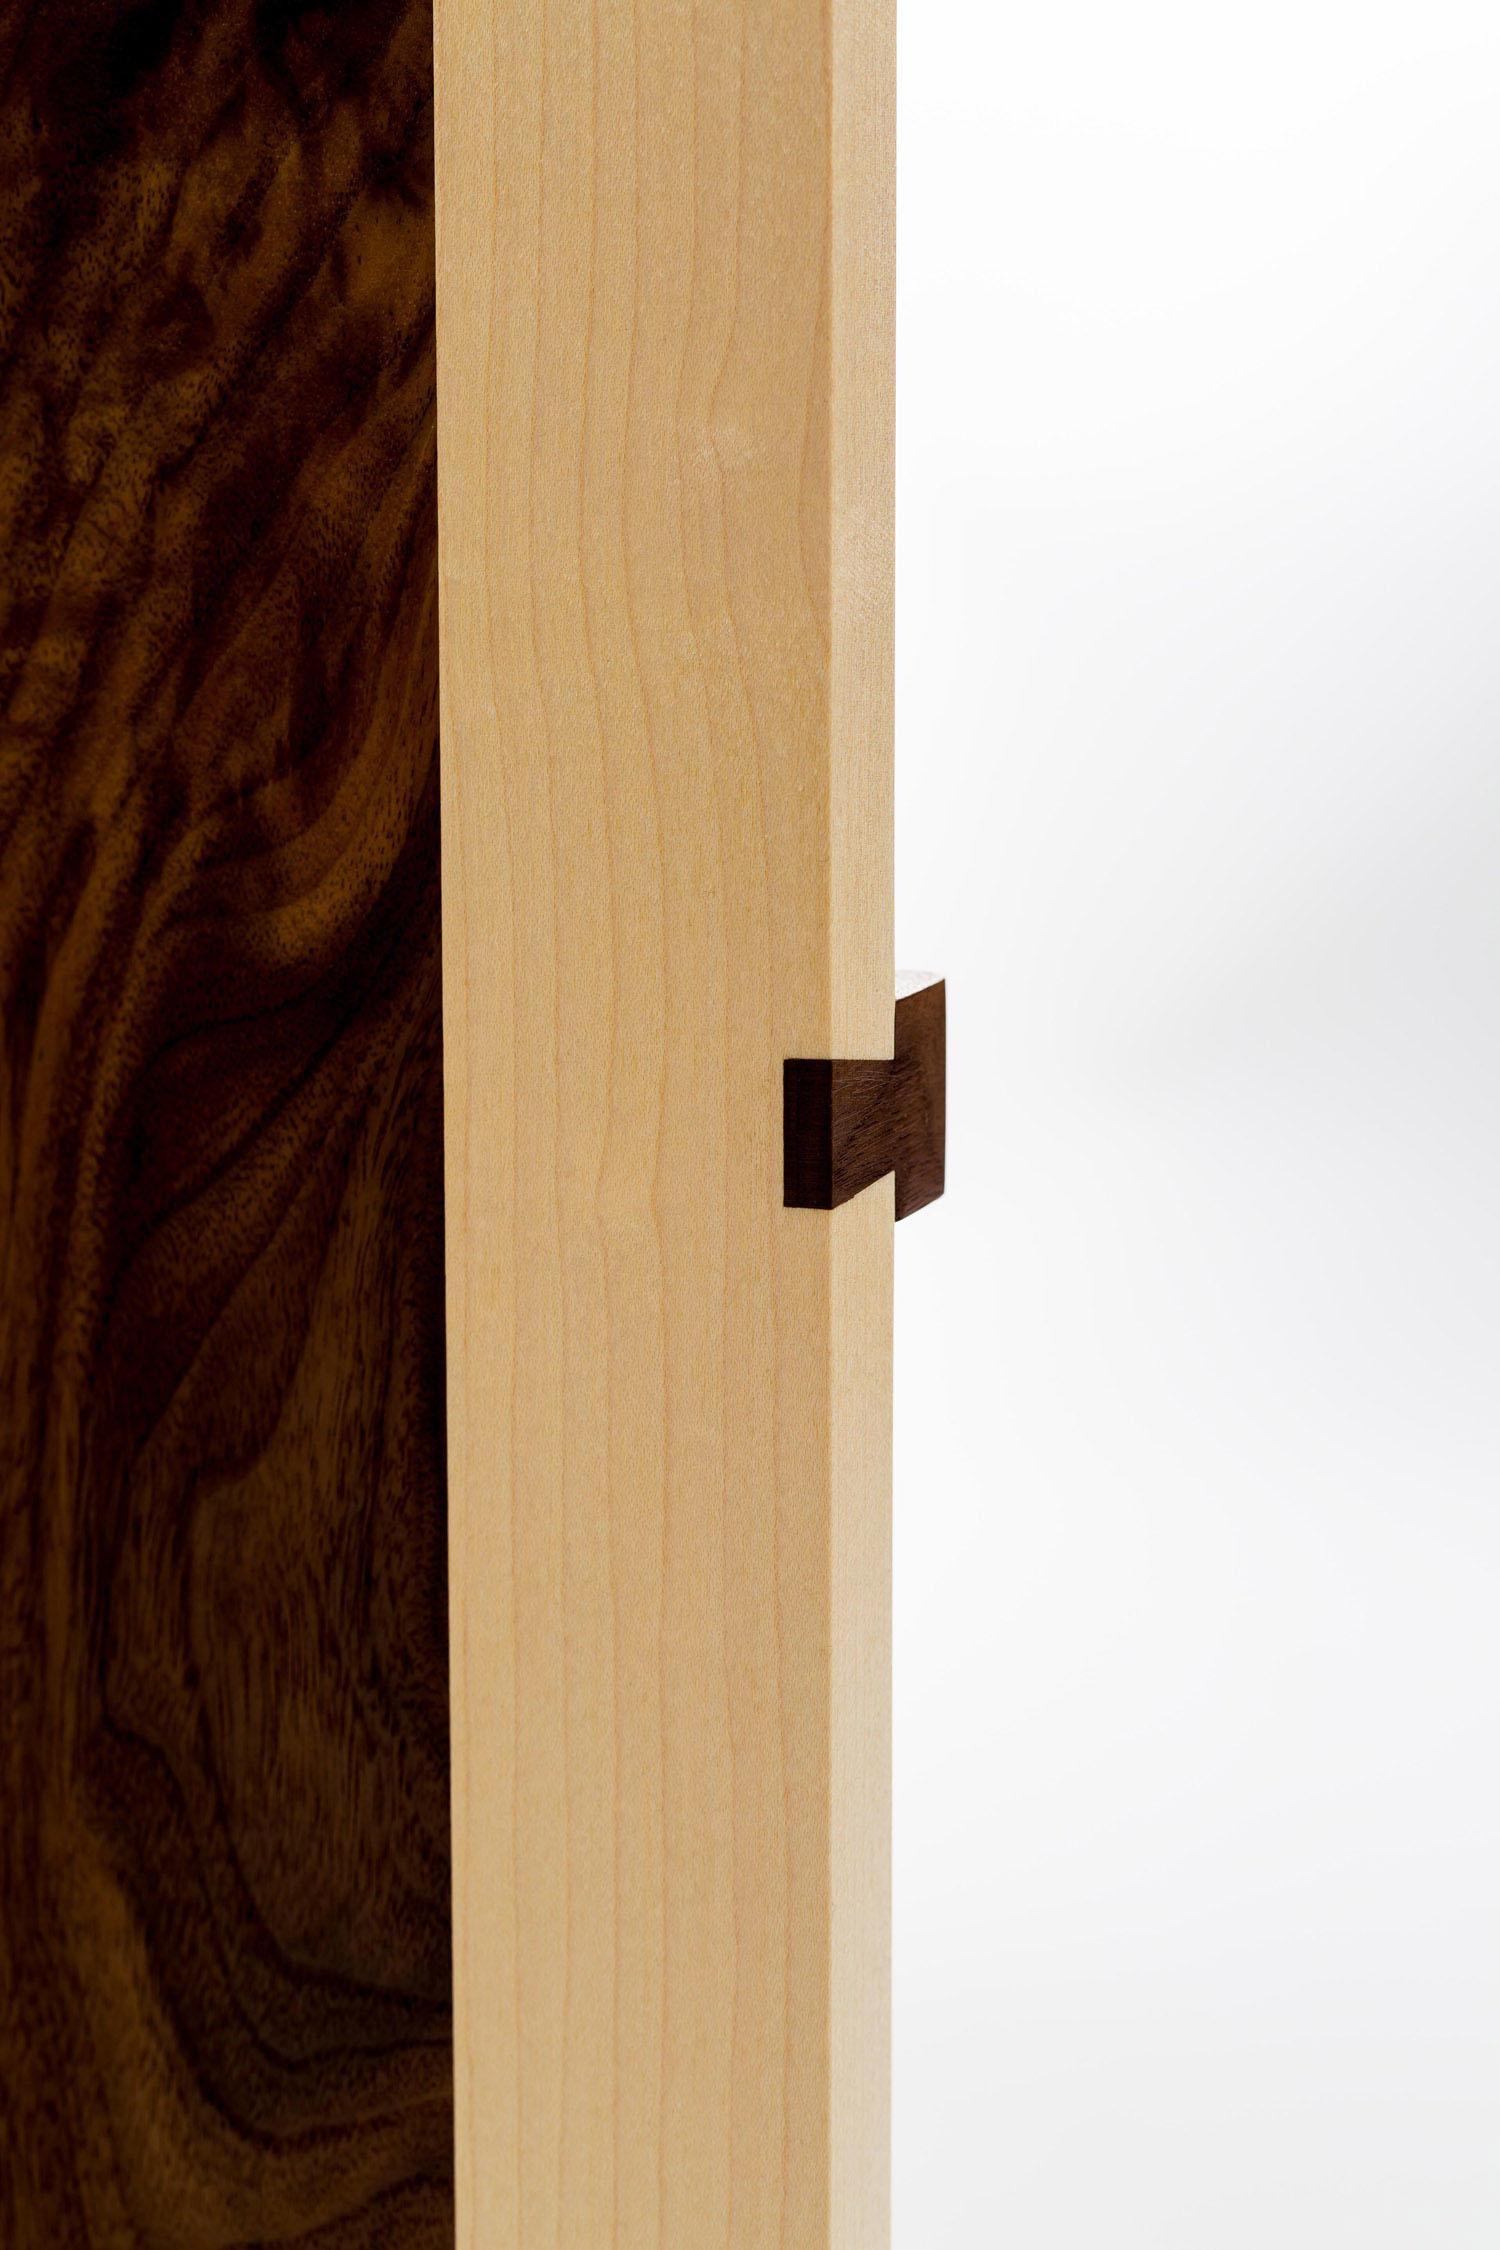 wc-door-dovetail.jpg